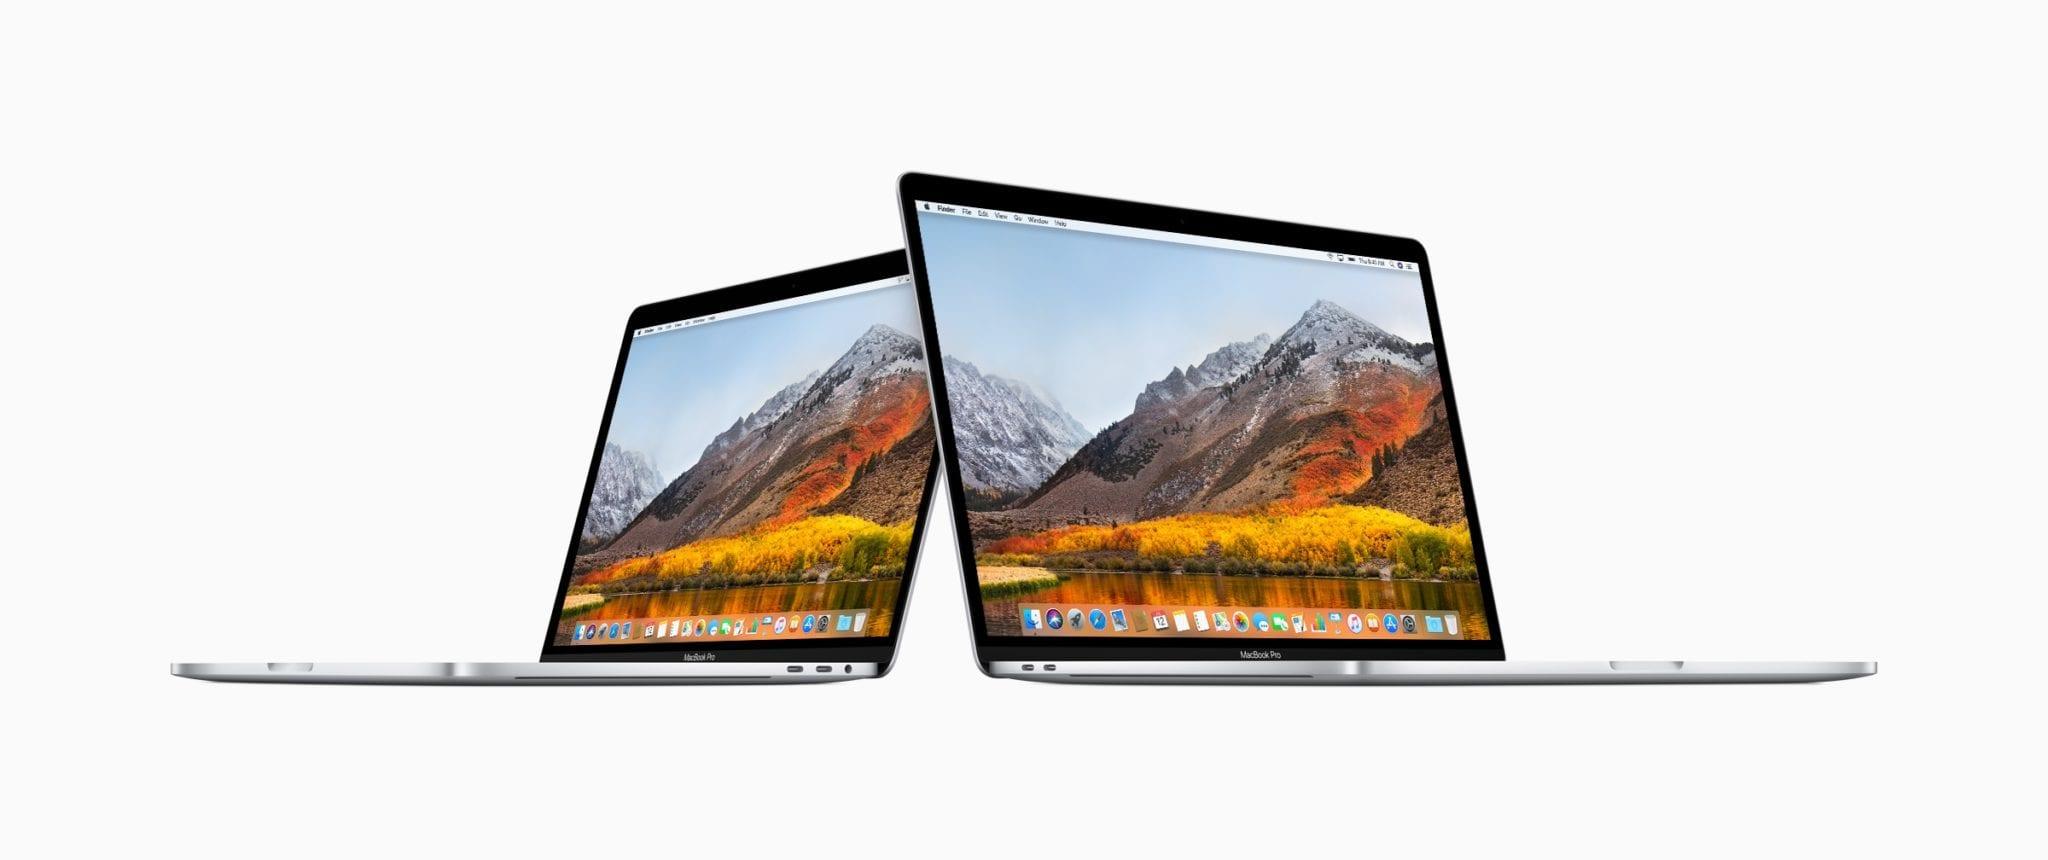 Apple MacBook Pro update 13in 15in 07122018 - Apple predstavil nový MacBook Pro s True Tone displejom